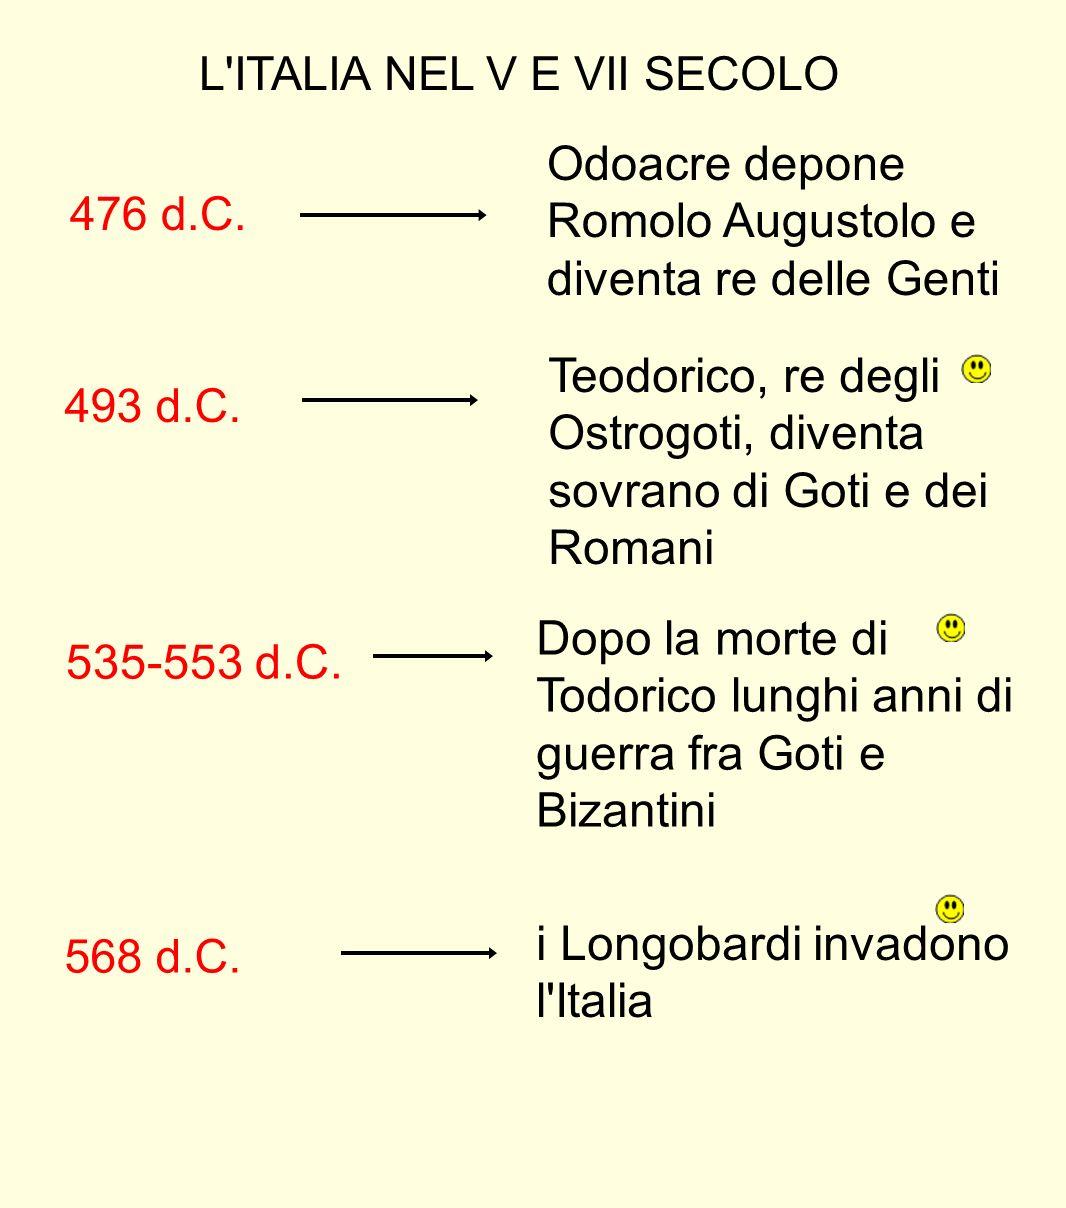 Odoacre depone Romolo Augustolo e diventa re delle Genti